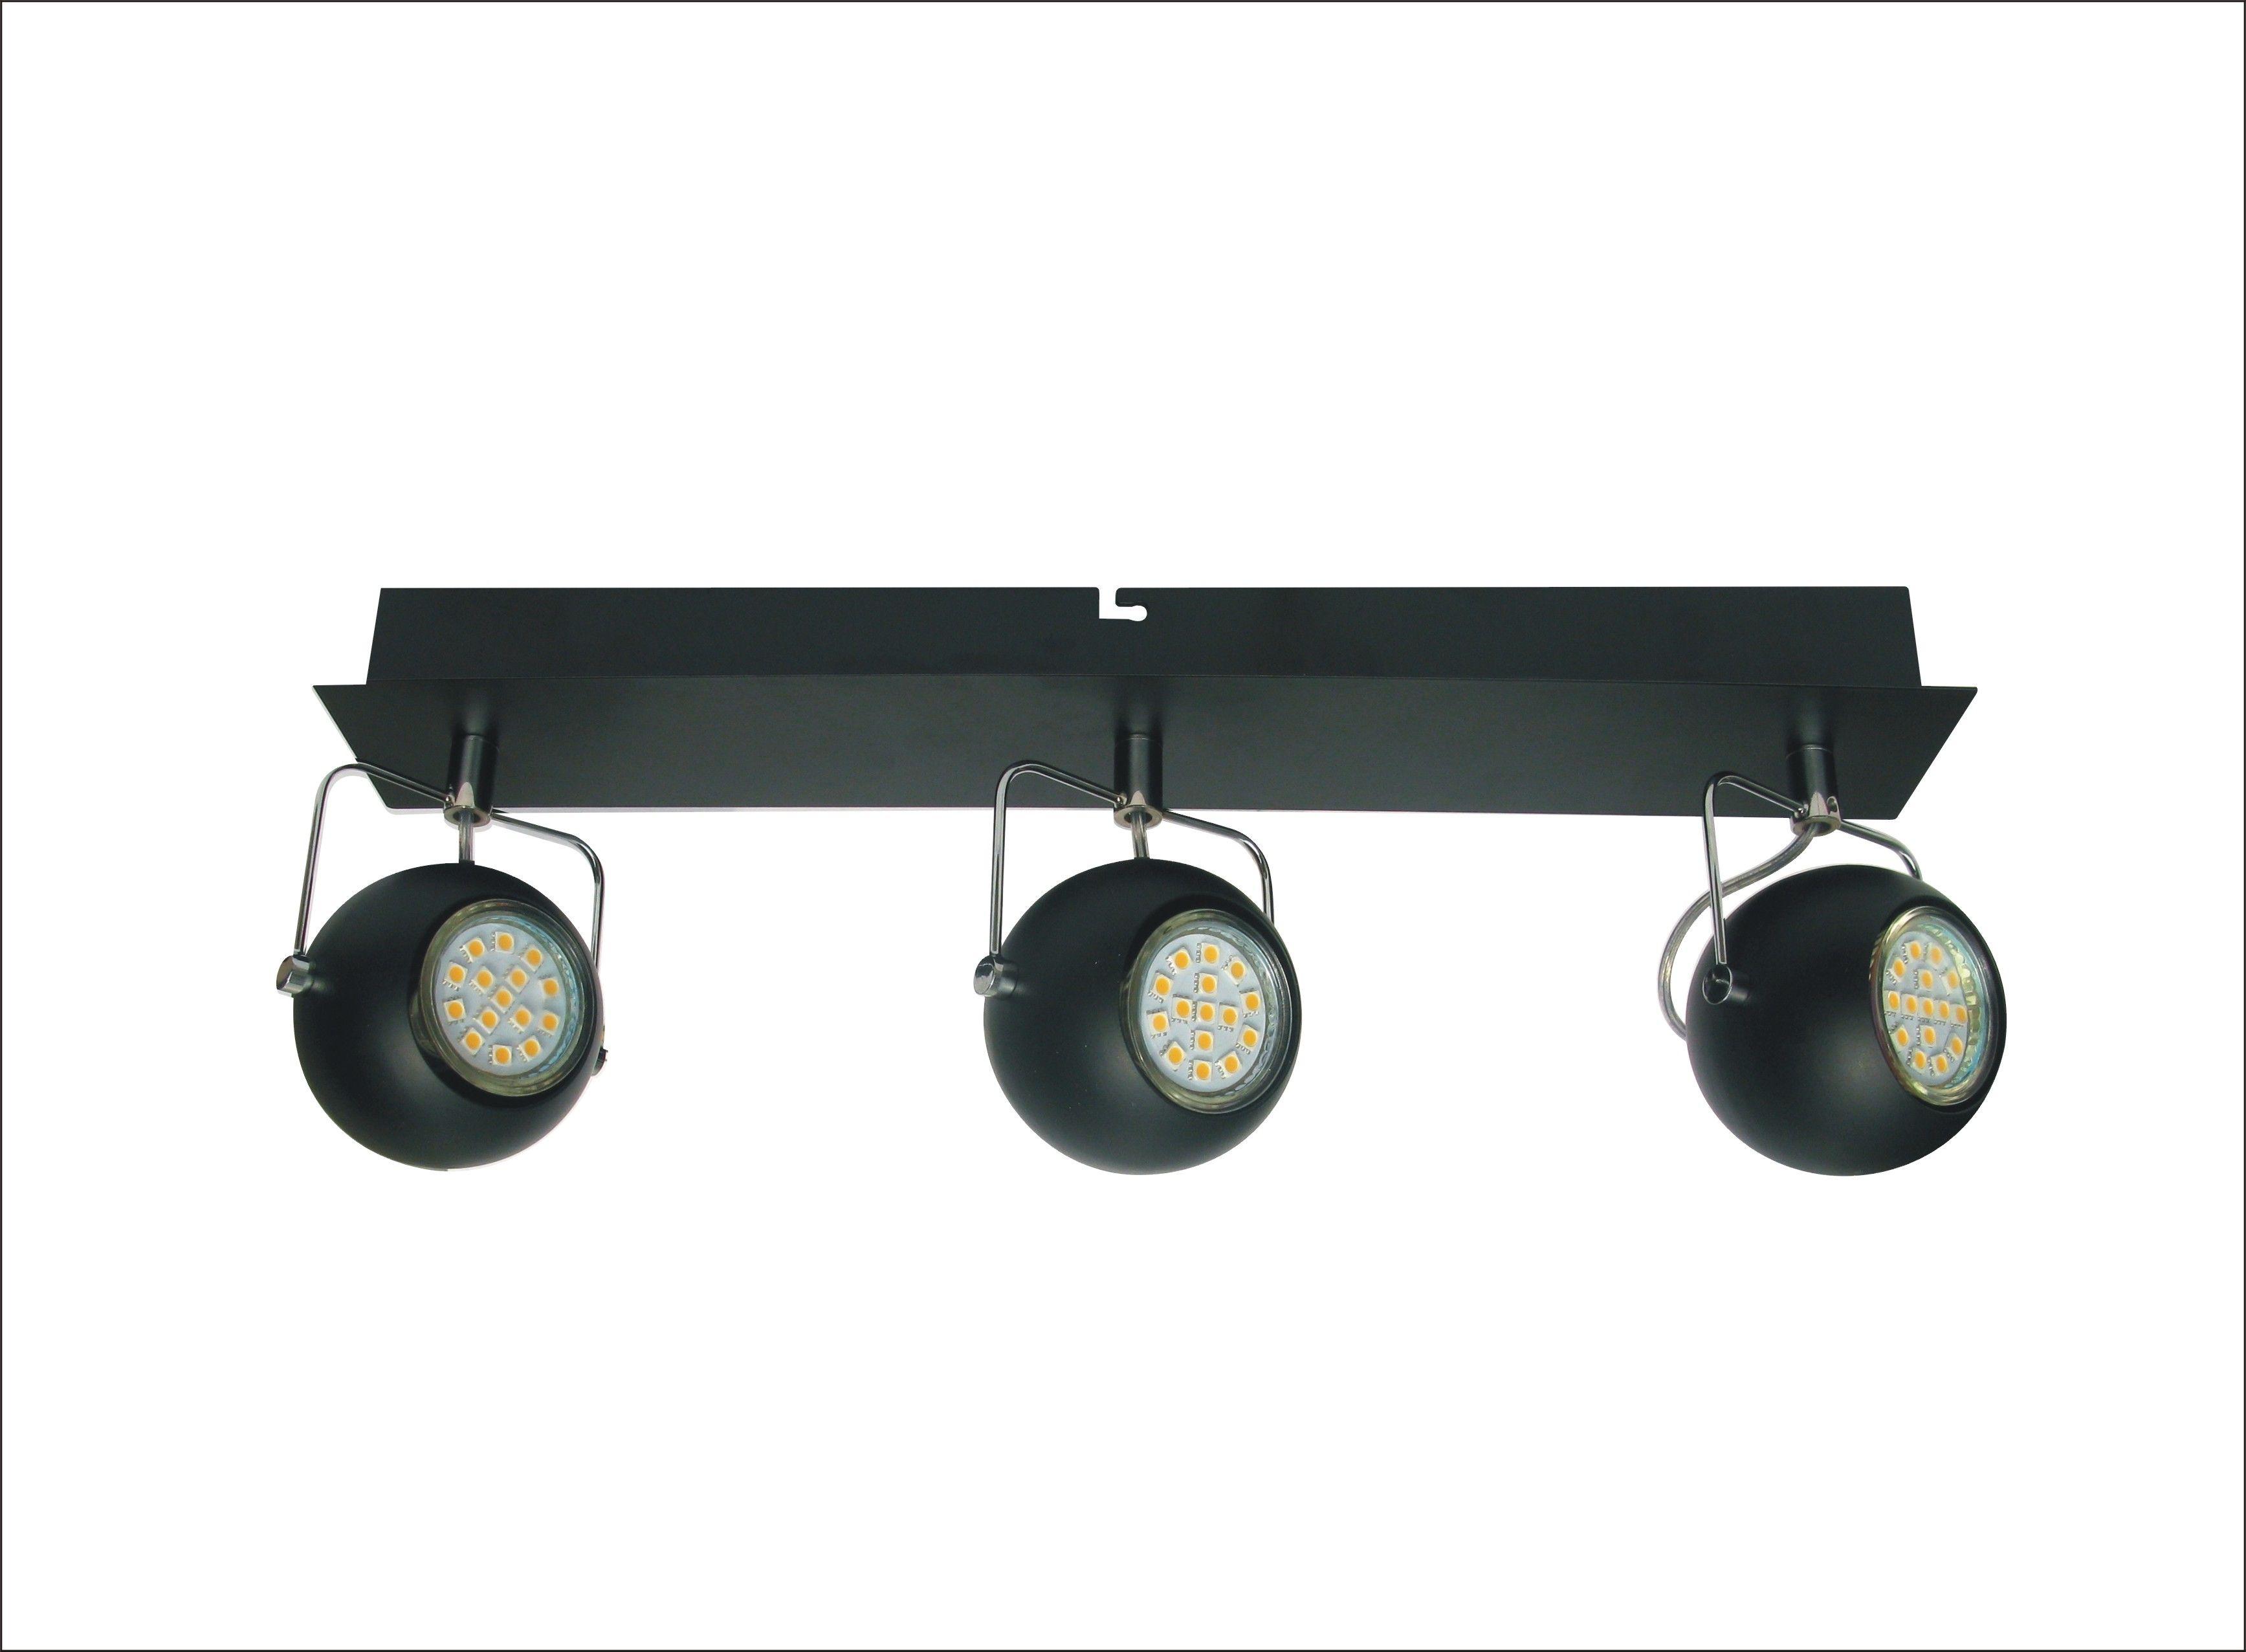 Candellux TONY 93-25029 listwa oświetleniowa czarny mat metalowy klosz 3X3W LED GU10 43cm